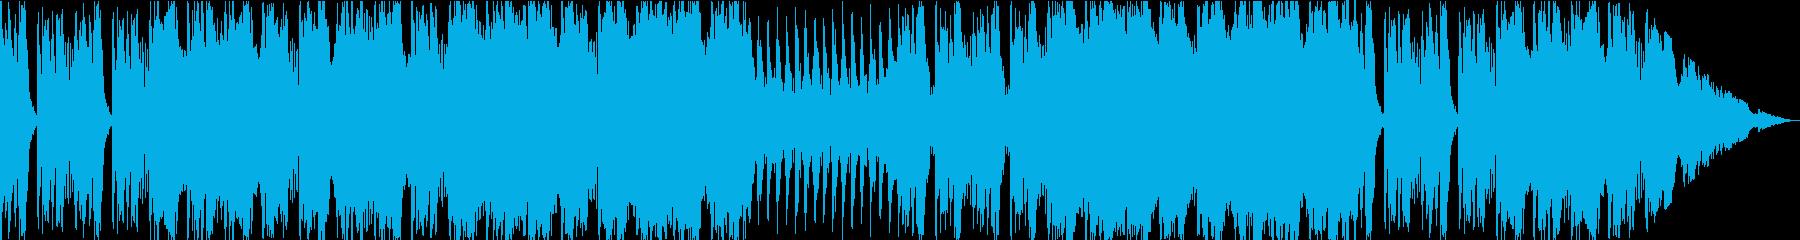 勇ましい群れの行軍を想起するBGMの再生済みの波形